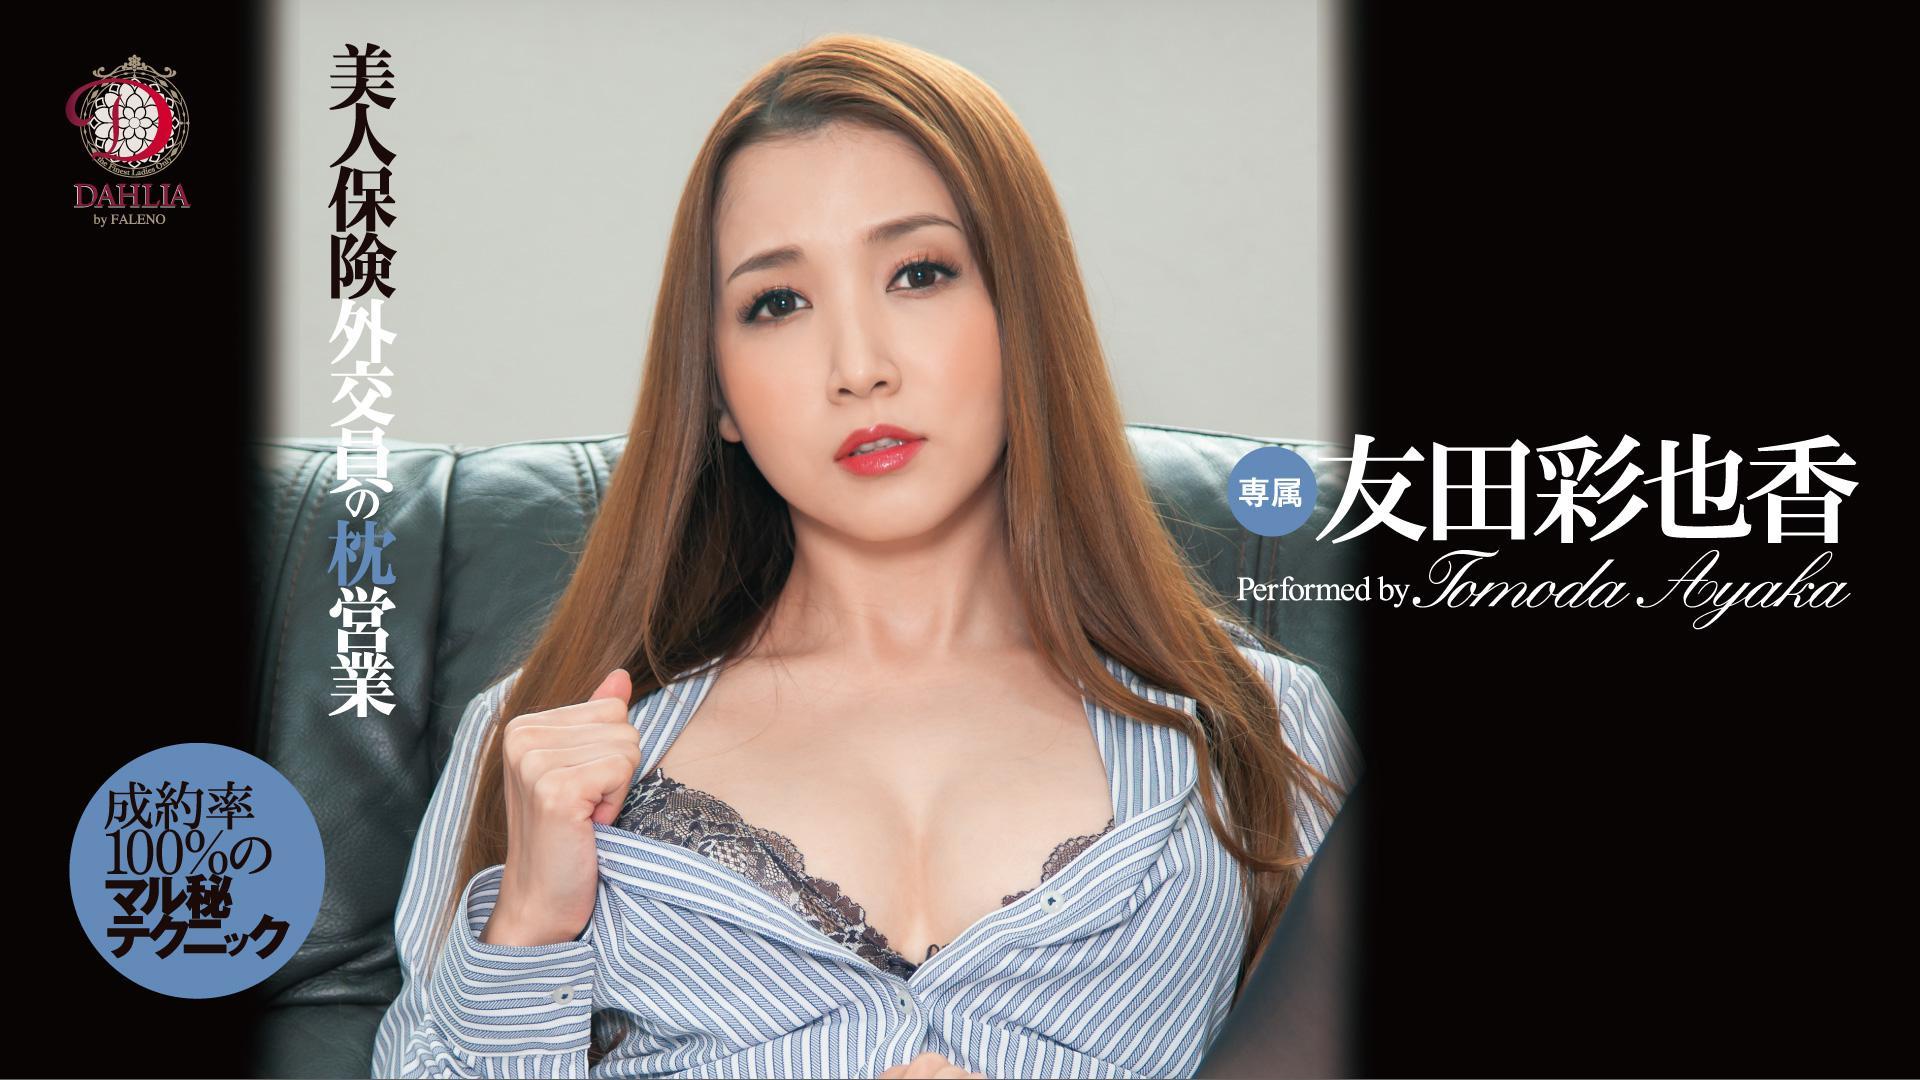 美人保険外交員の枕営業 成約率100%のマル秘テクニック 友田彩也香